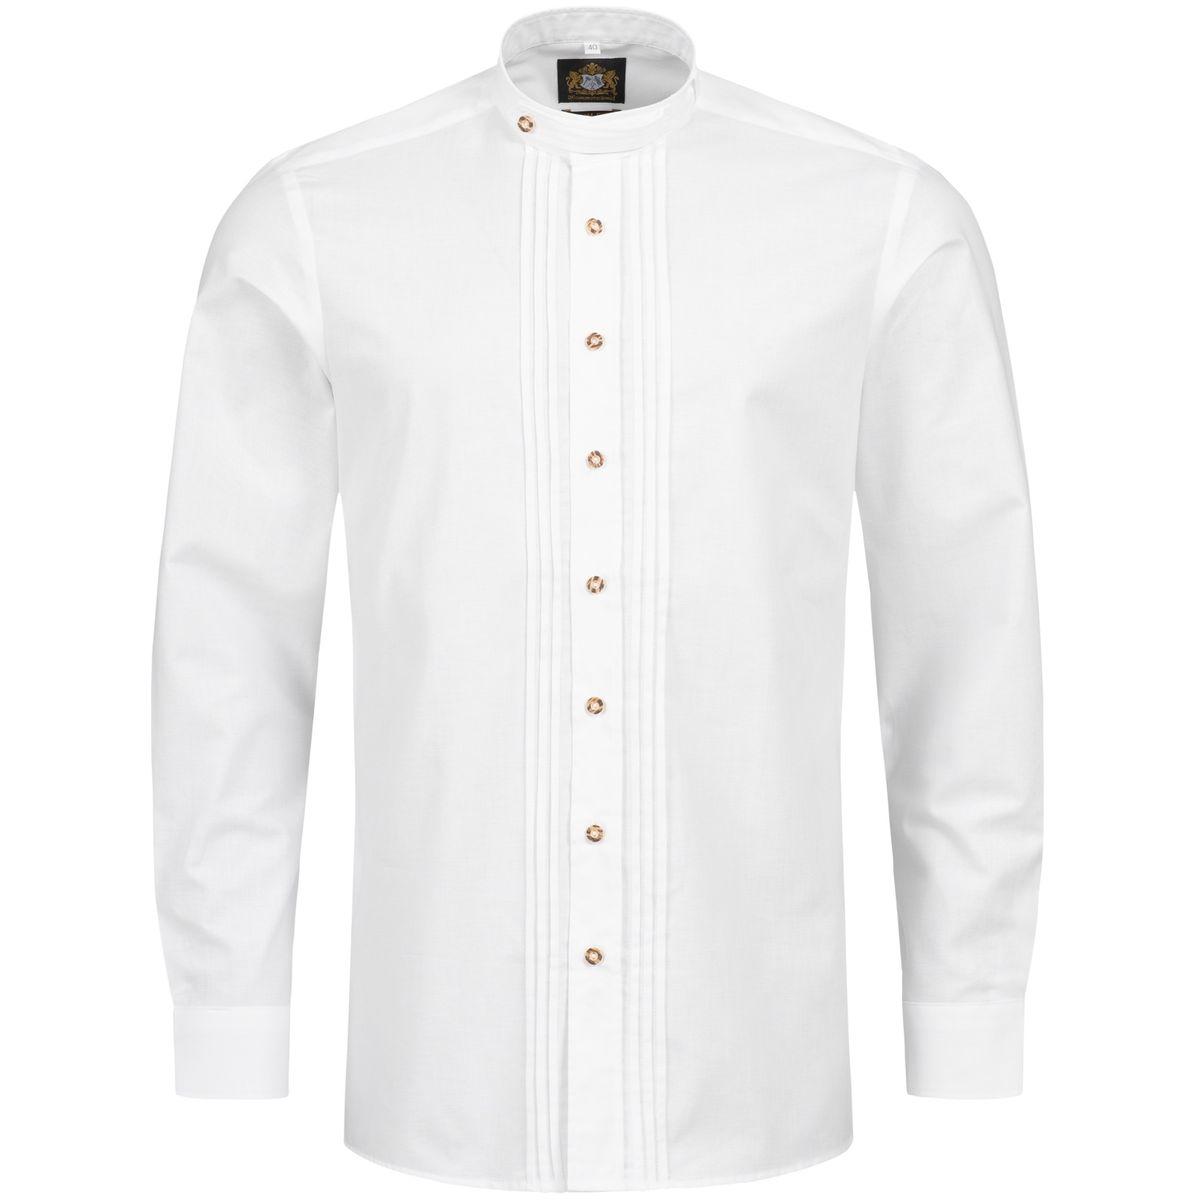 Trachtenhemd Norbert Slim Fit in Weiß von Hammerschmid günstig online kaufen